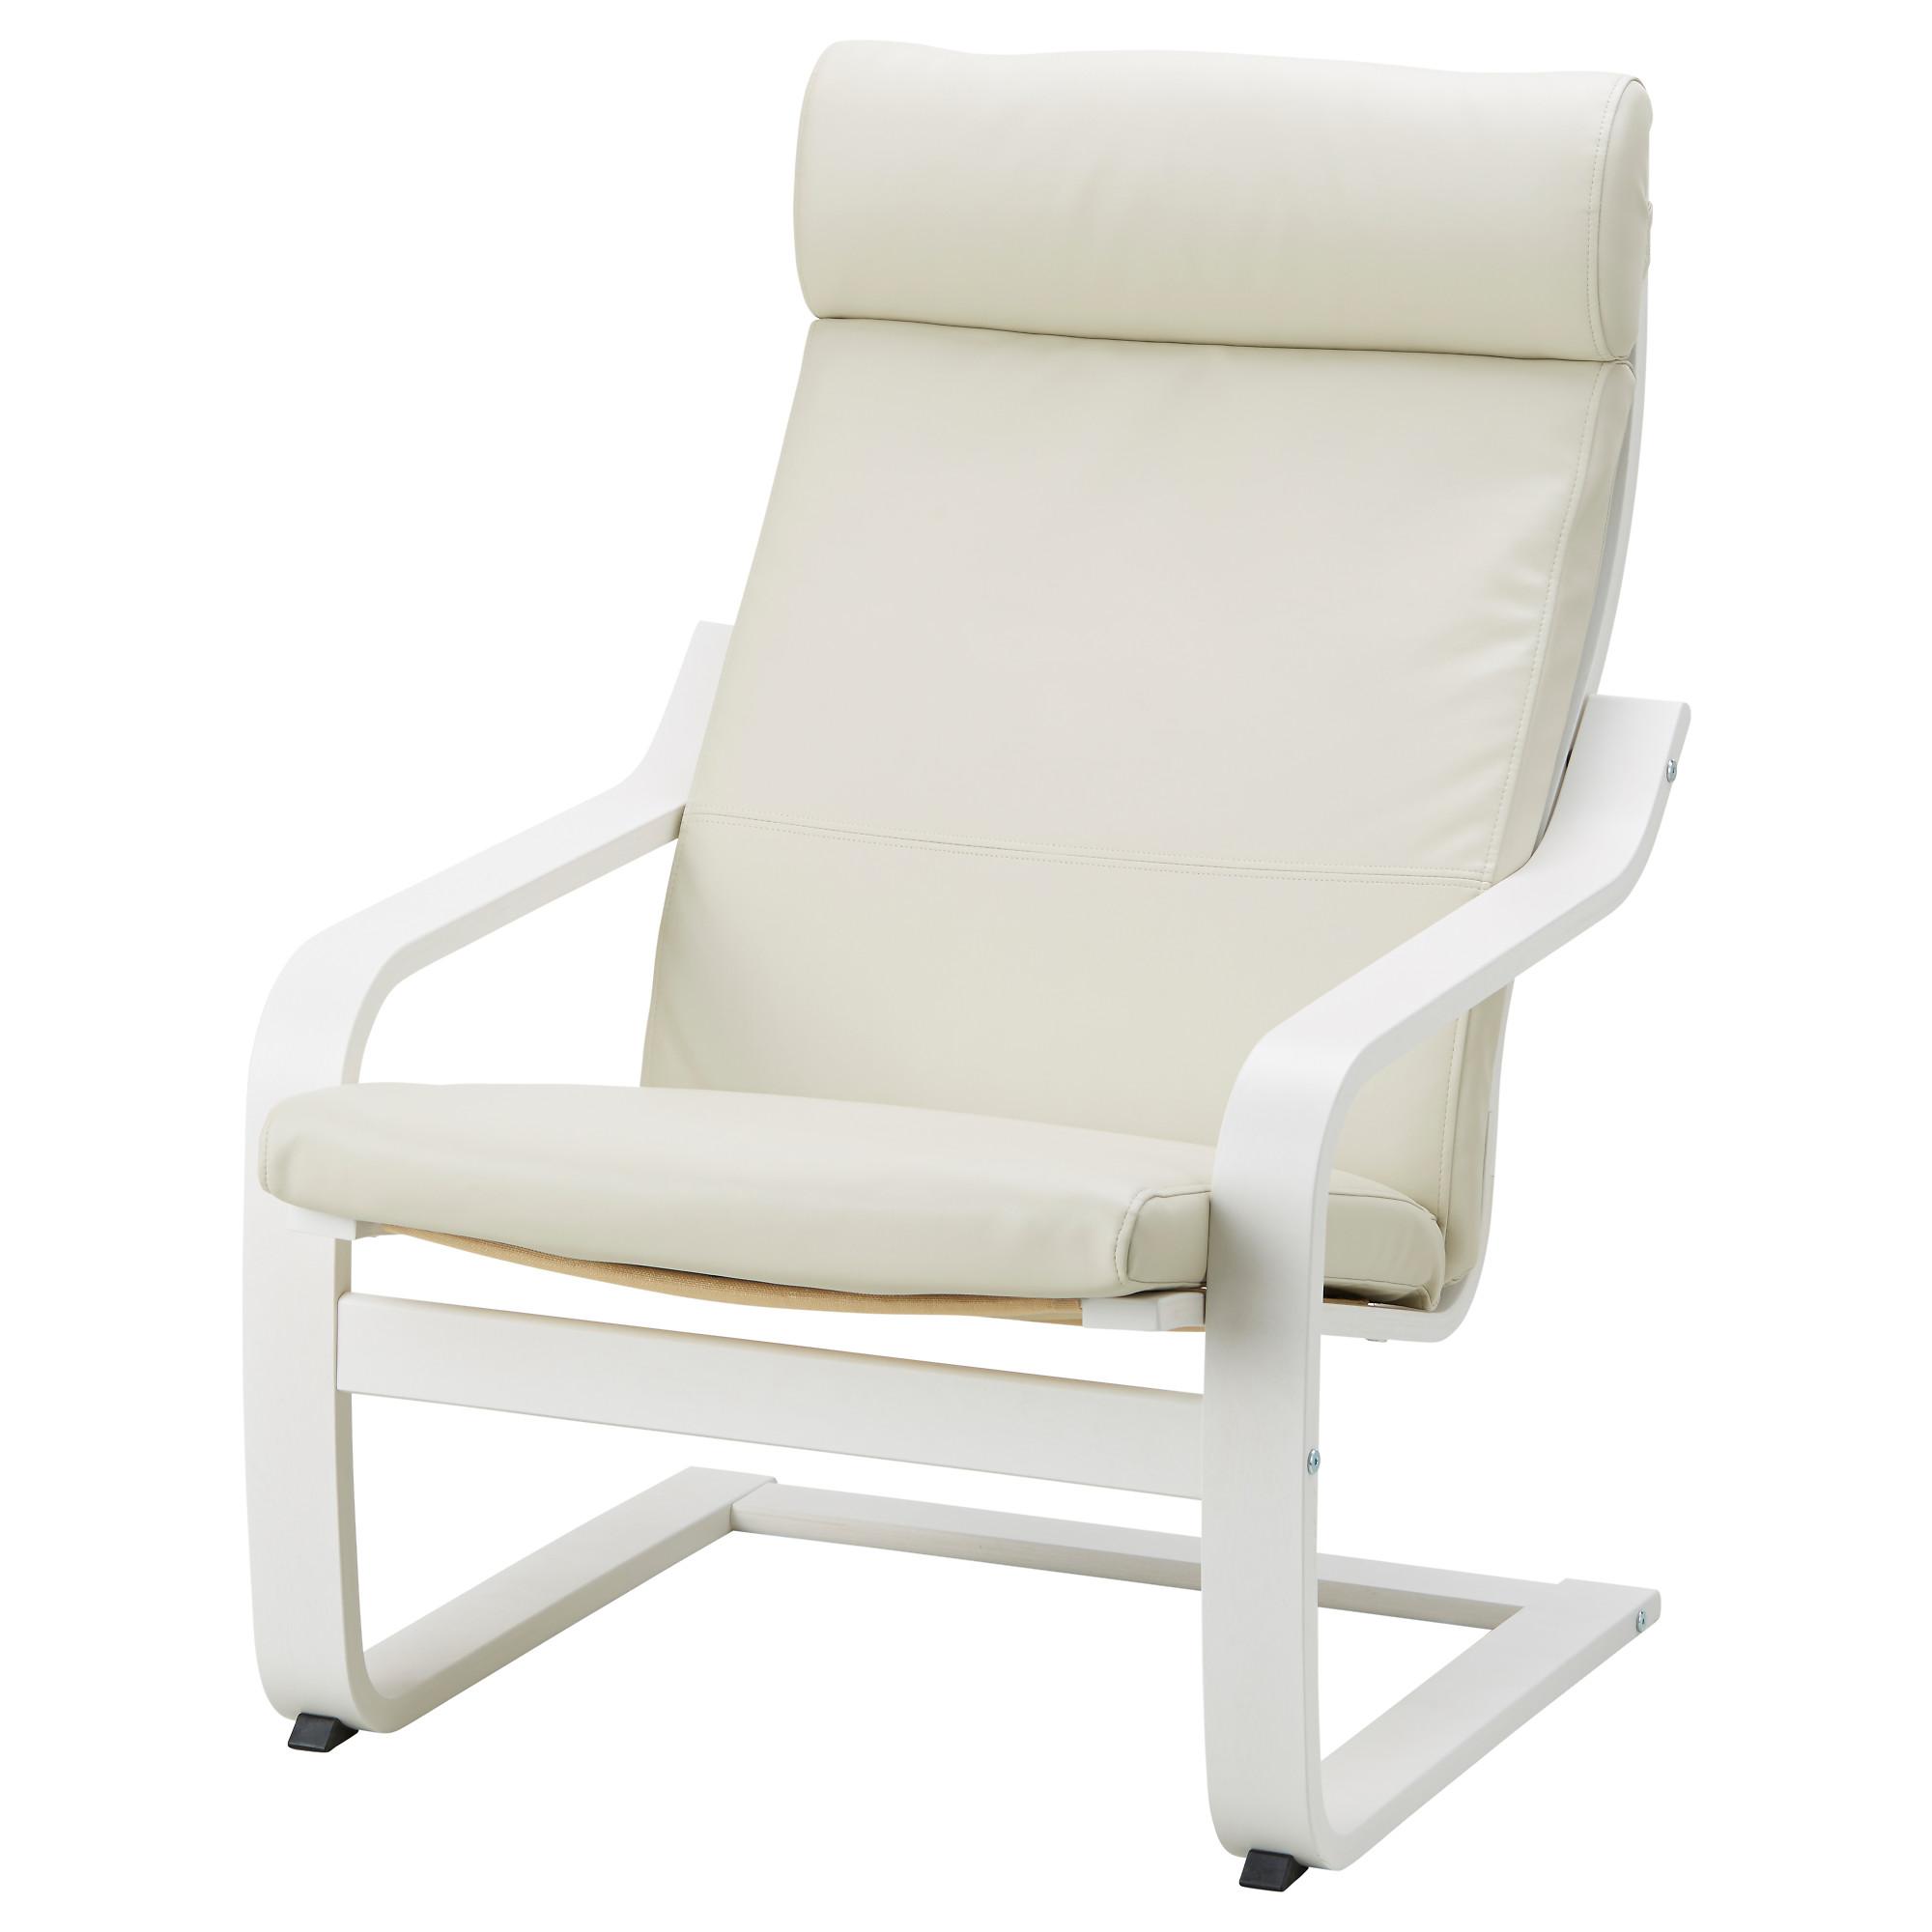 Кресло ПОЭНГ бежевый артикуль № 992.956.54 в наличии. Интернет магазин IKEA Беларусь. Недорогая доставка и соборка.